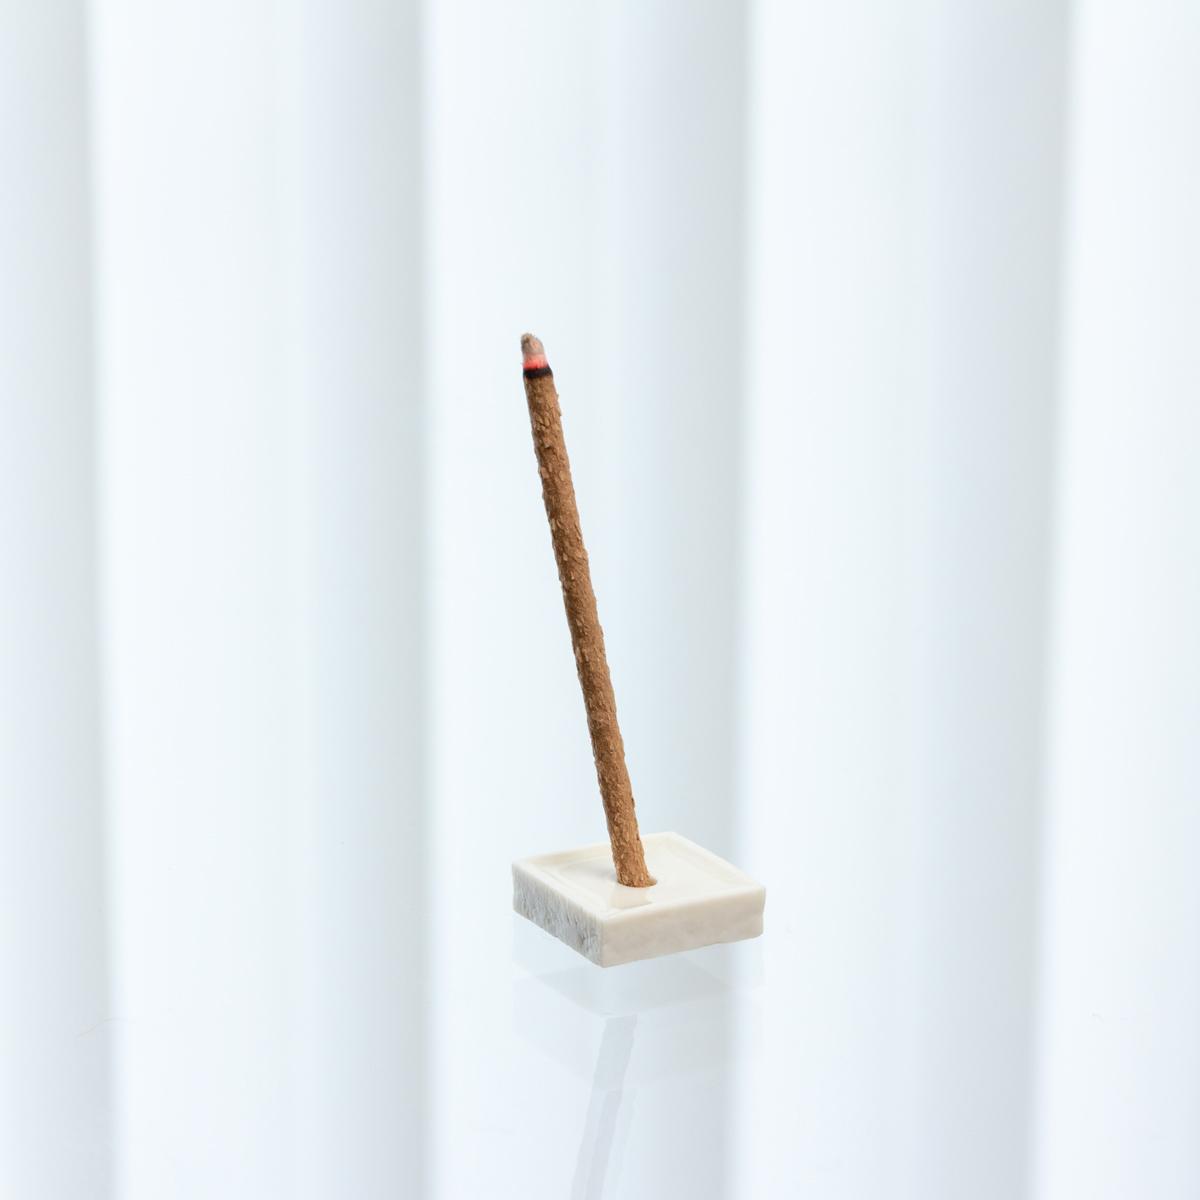 会議中でも議論が行き詰まったら、思考のリセットとして活躍する。ミニ香立が付くインセンススティック(お香)|KITOWA